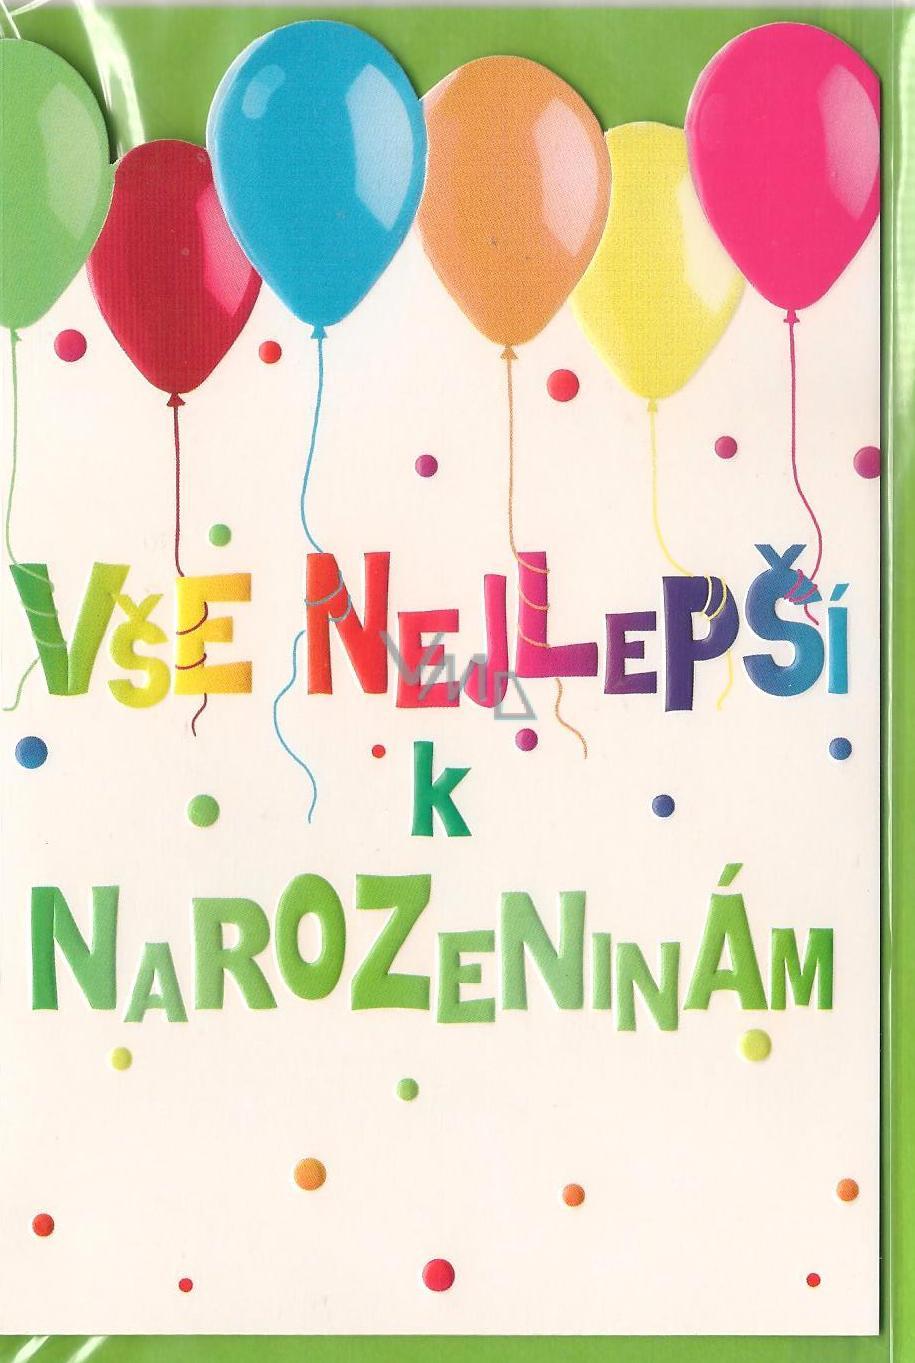 nejlepší k narozeninám Nekupto Přání k narozeninám 3273 Vše nejlepší k narozeninám   VMD  nejlepší k narozeninám